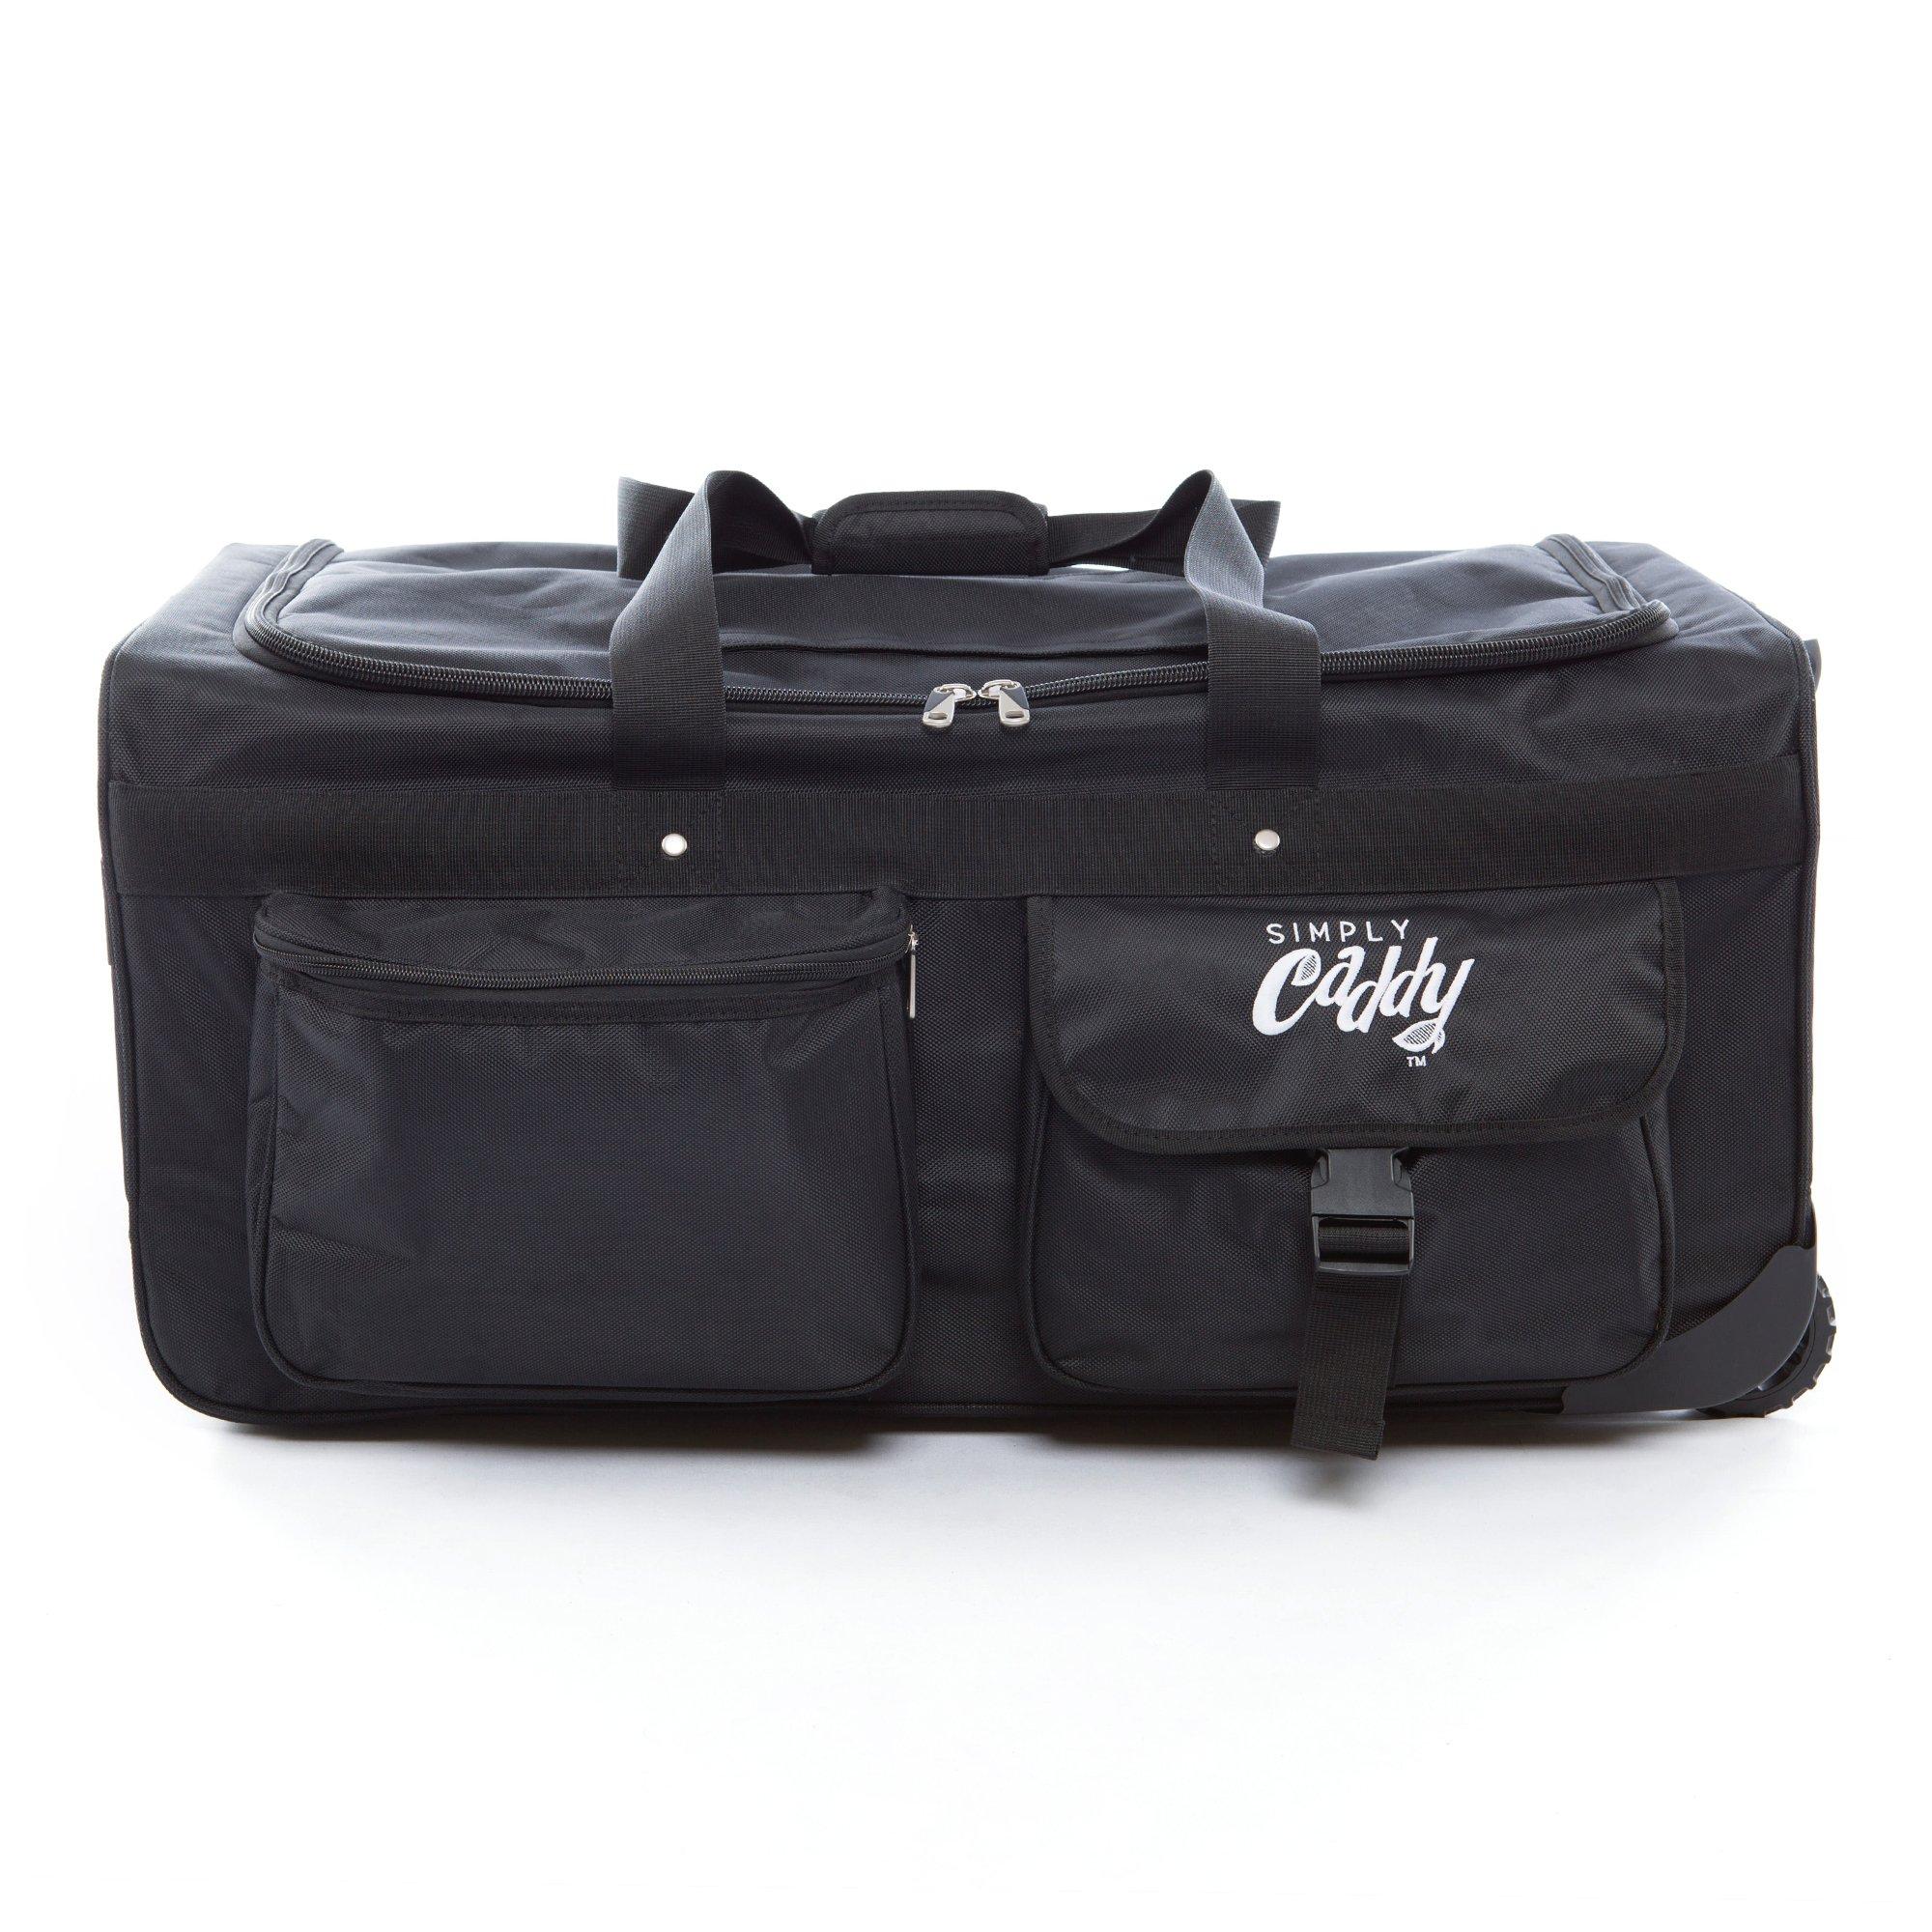 Simply Caddy Caddy Bag by Simply Caddy